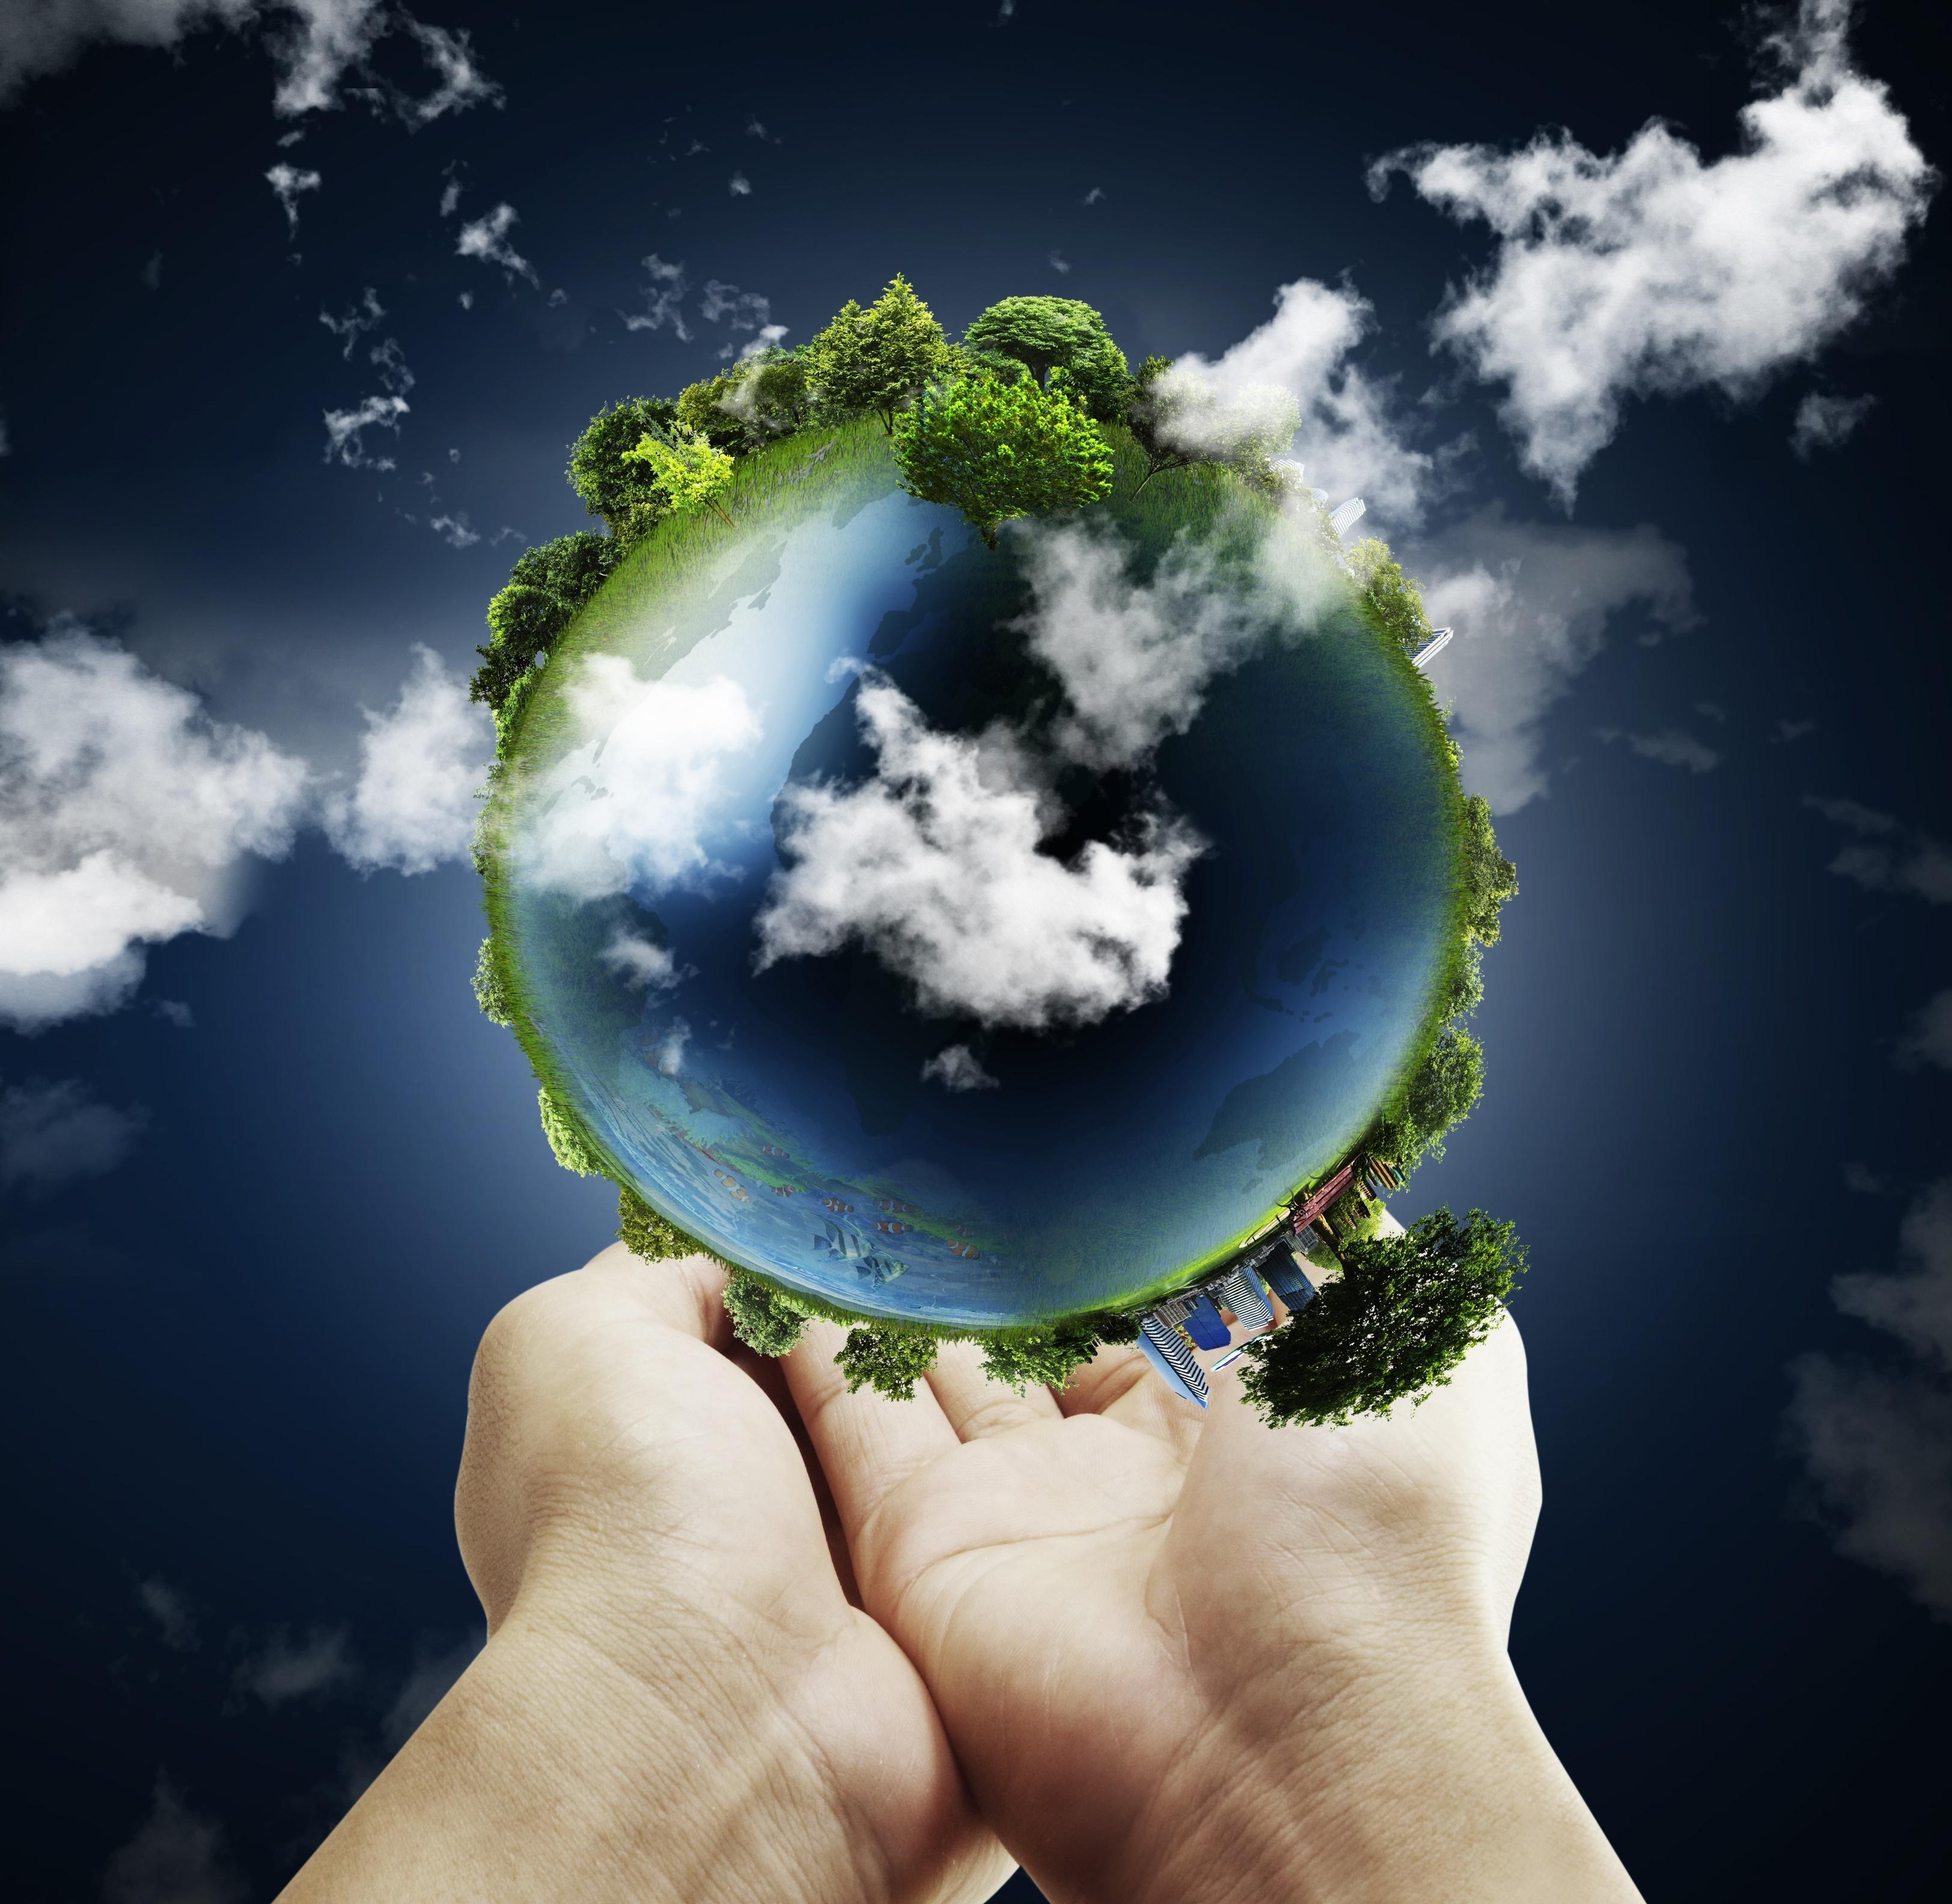 Земной шар экология картинка